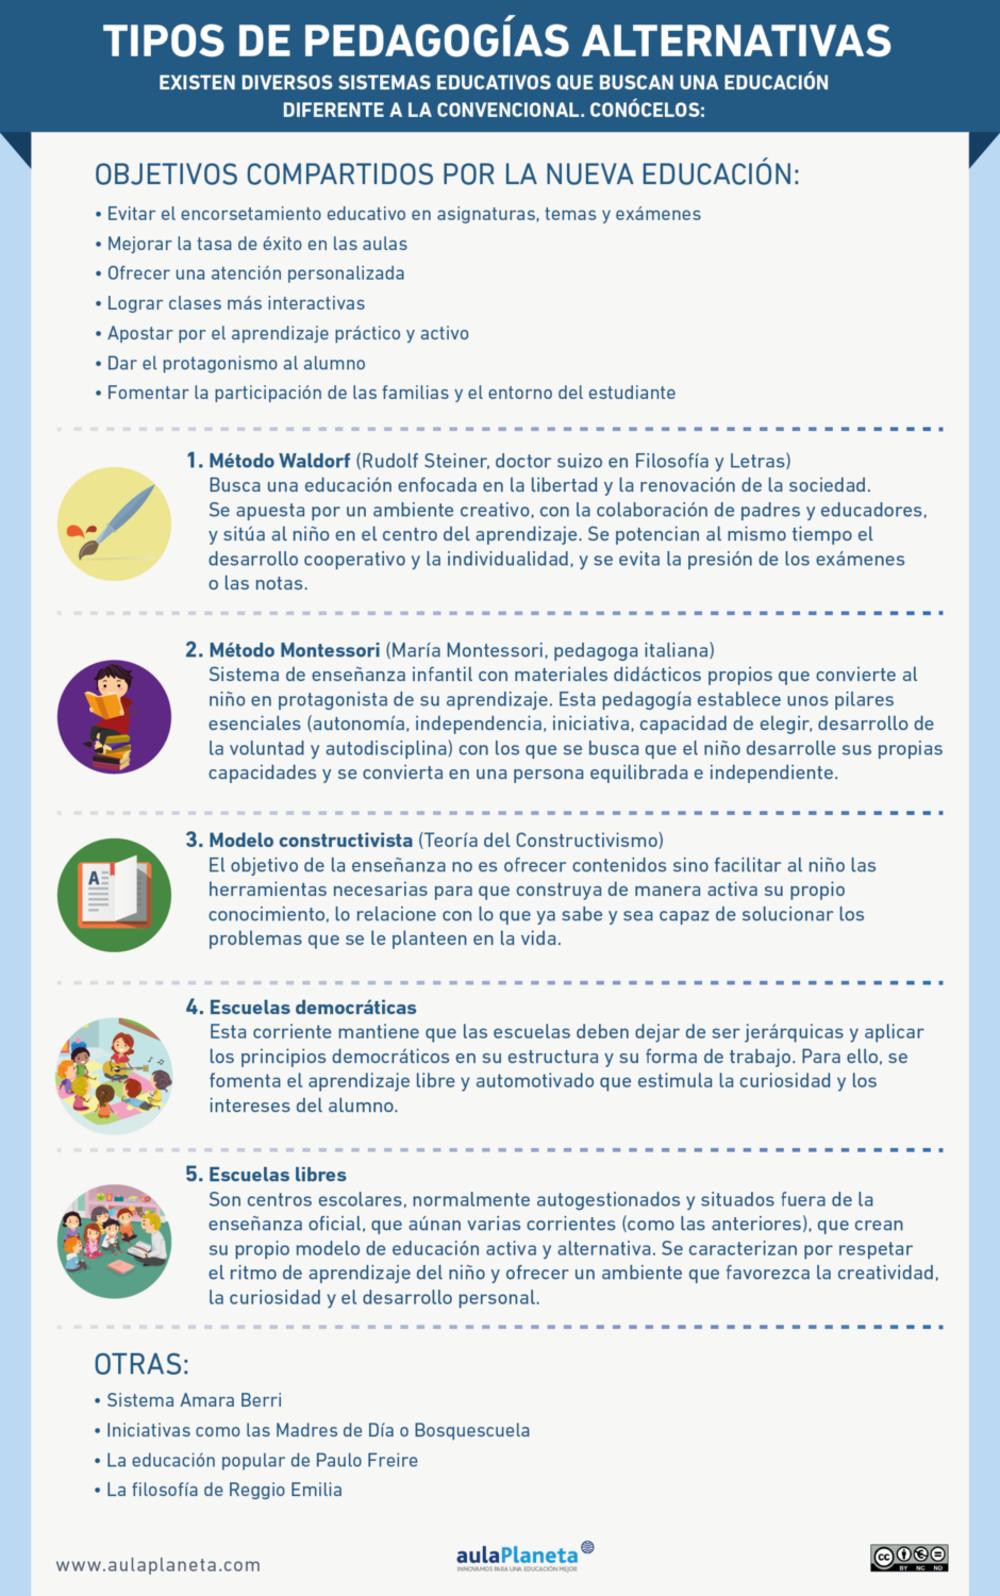 ¿Qué son las pedagogías alternativas y como influyen en el Arte de Enseñar?